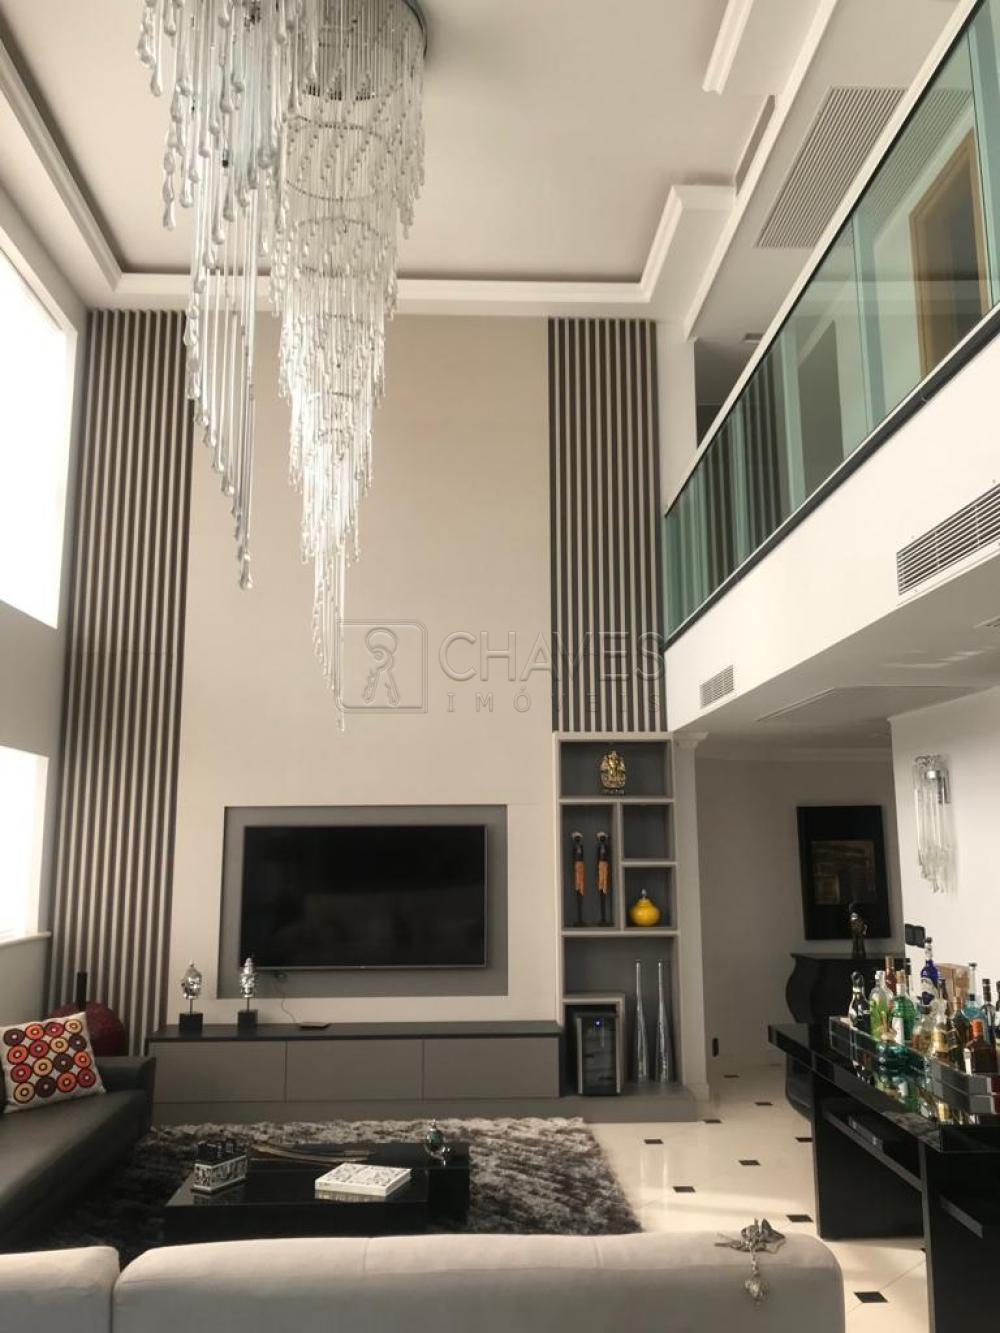 Comprar Apartamento / Cobertura em ribeirao preto apenas R$ 2.500.000,00 - Foto 2